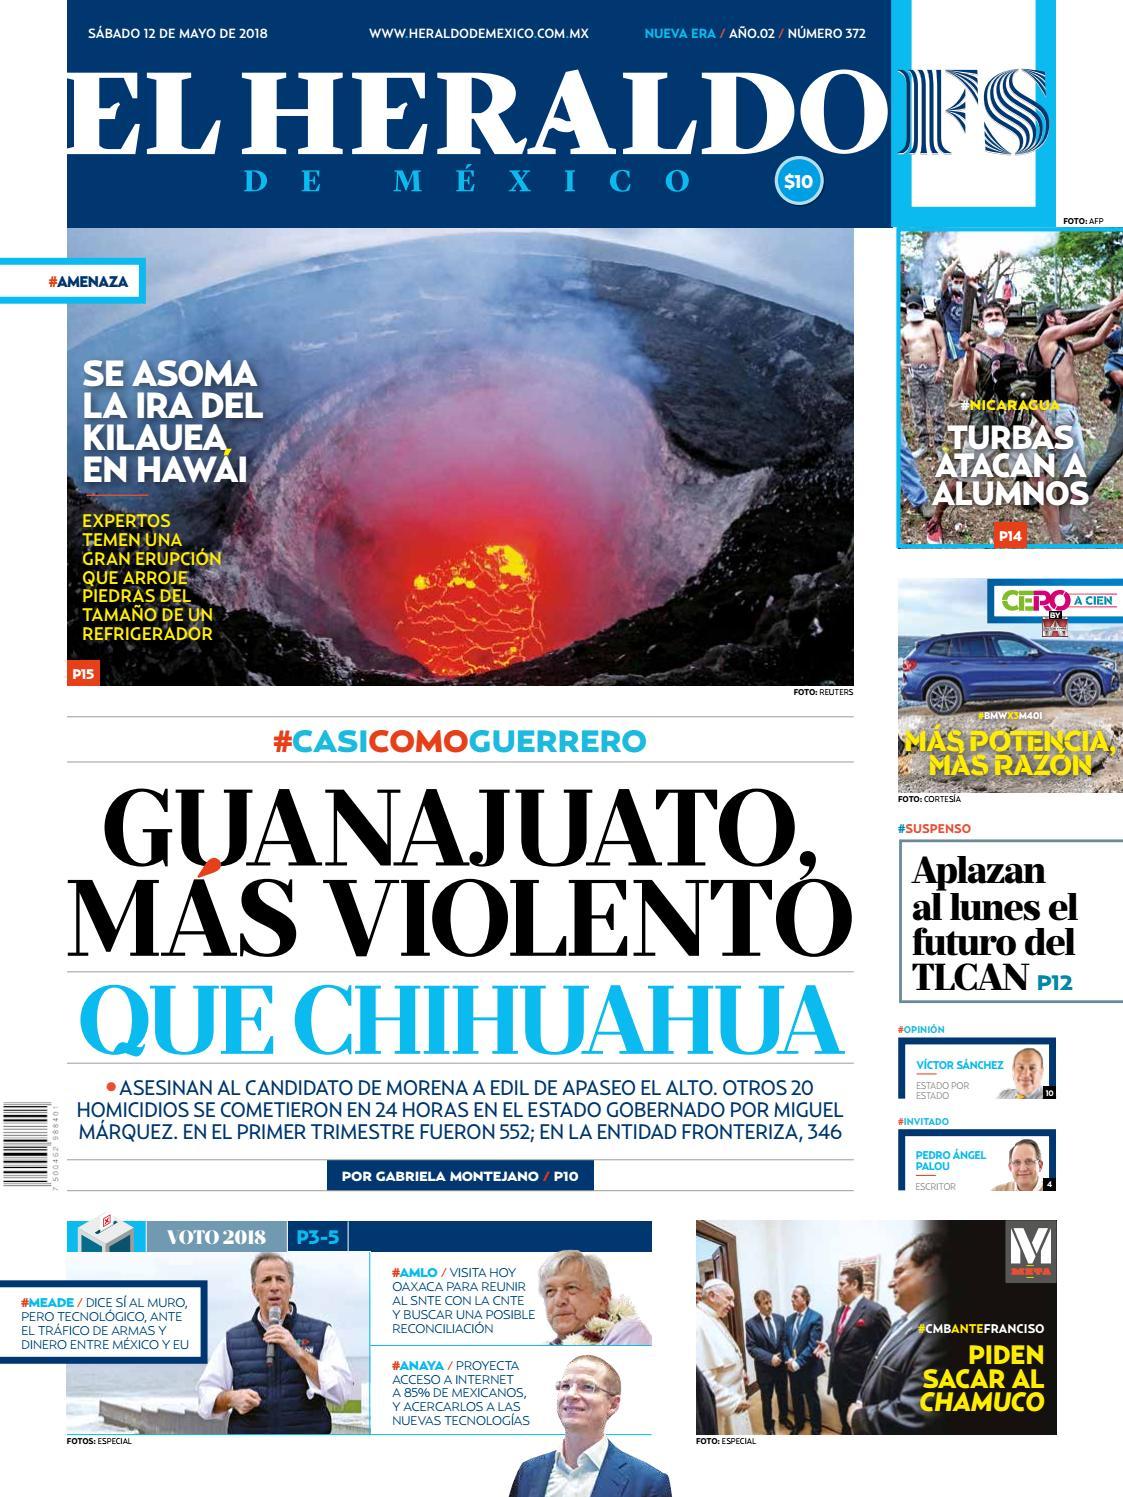 12 de mayo de 2018 by El Heraldo de México - issuu bf7e4e766a62c